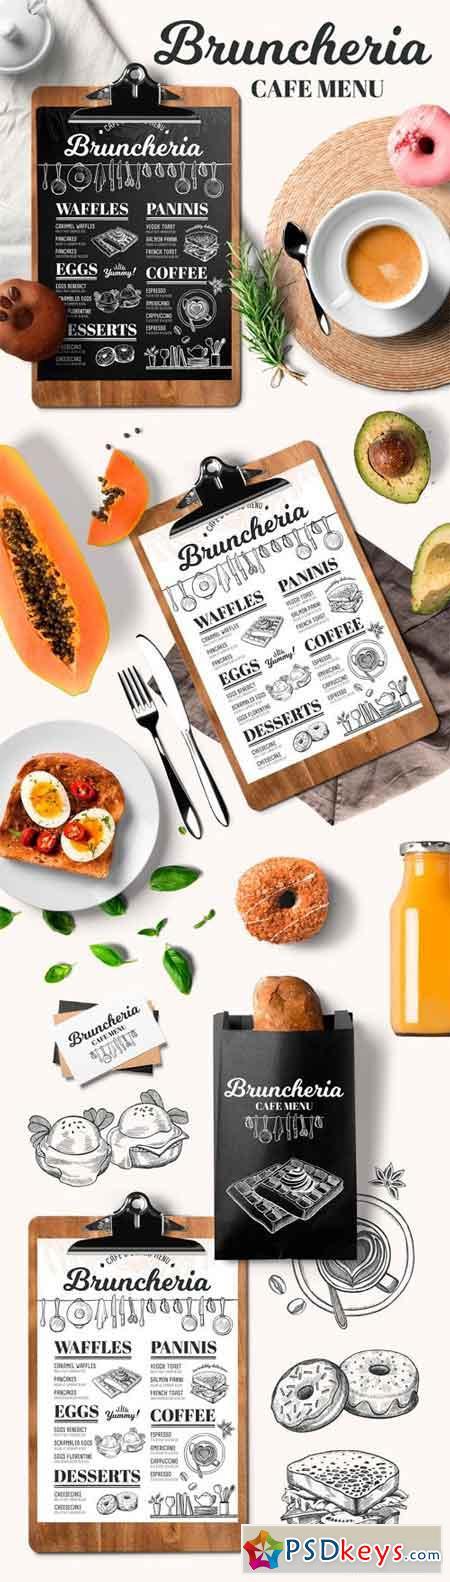 brunch menu restaurant template 1295166 free download photoshop vector stock image via. Black Bedroom Furniture Sets. Home Design Ideas